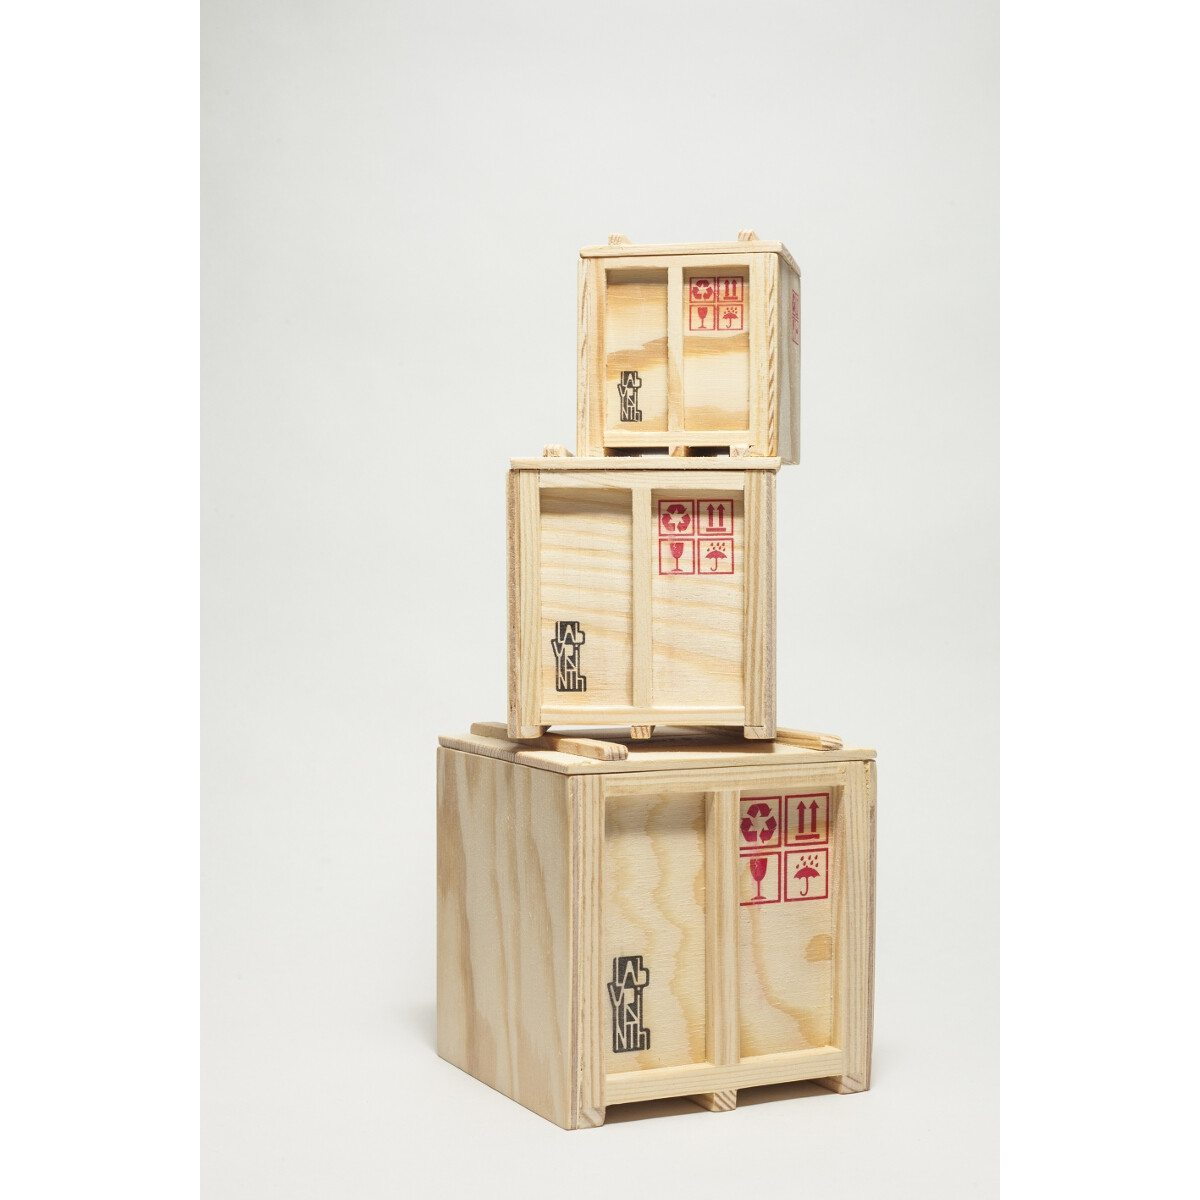 Cargo design-säilytyslaatikkosetti